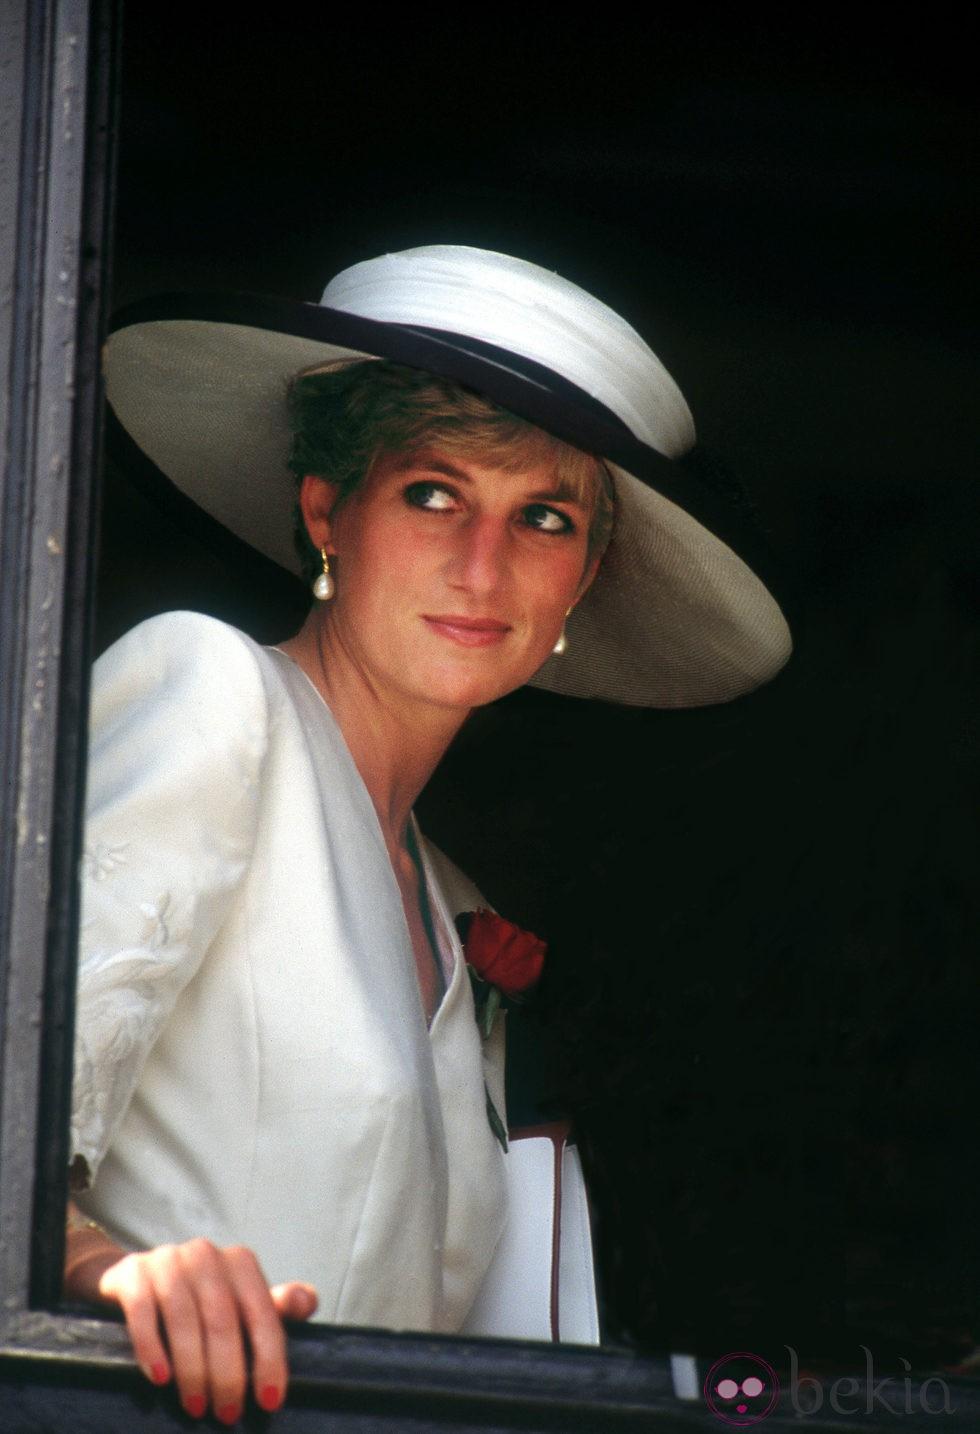 Plano americano de la princesa Diana de Gales